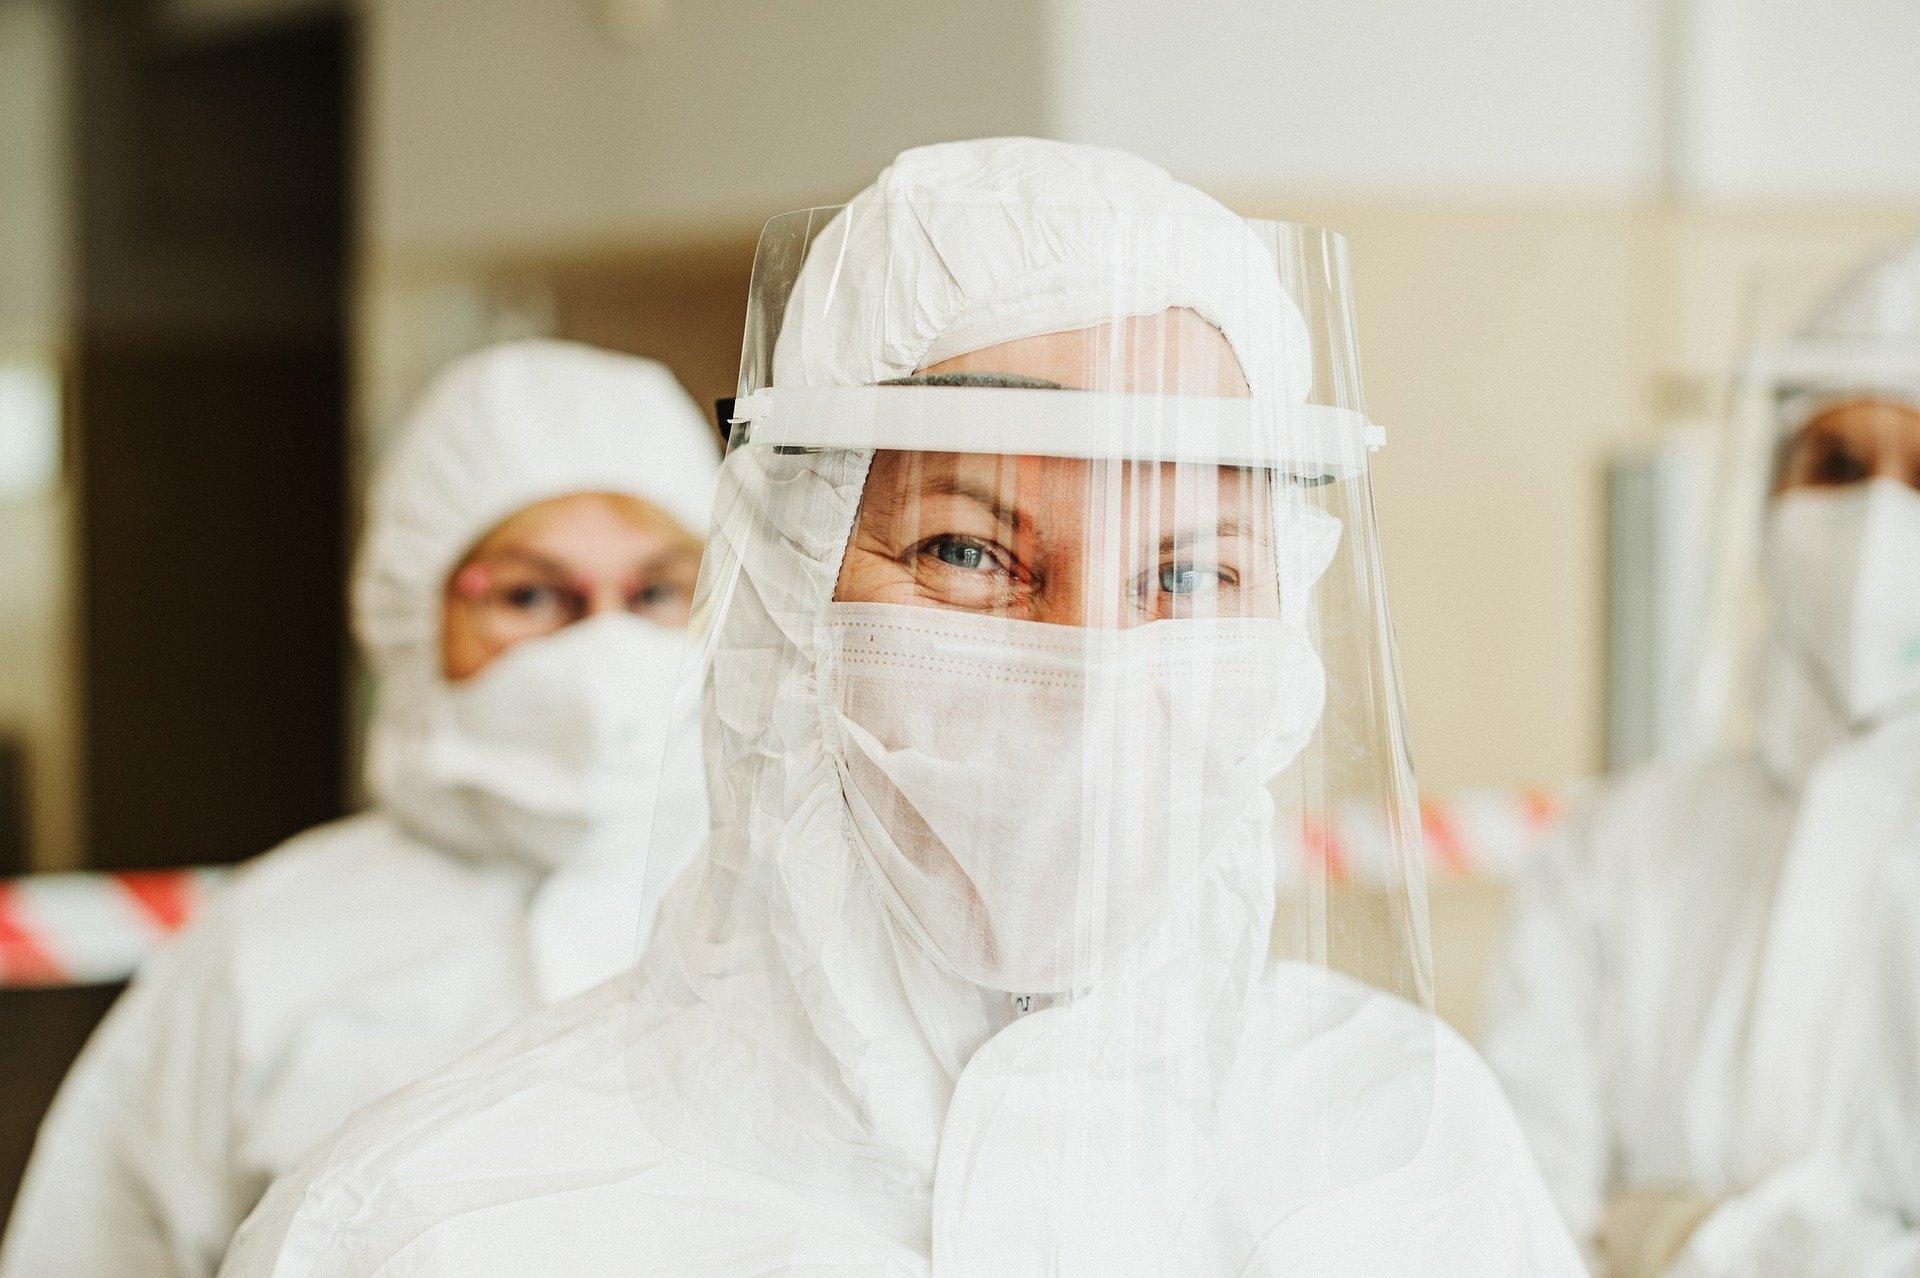 В Абинском районе 11 новых заболевших коронавирусной инфекцией